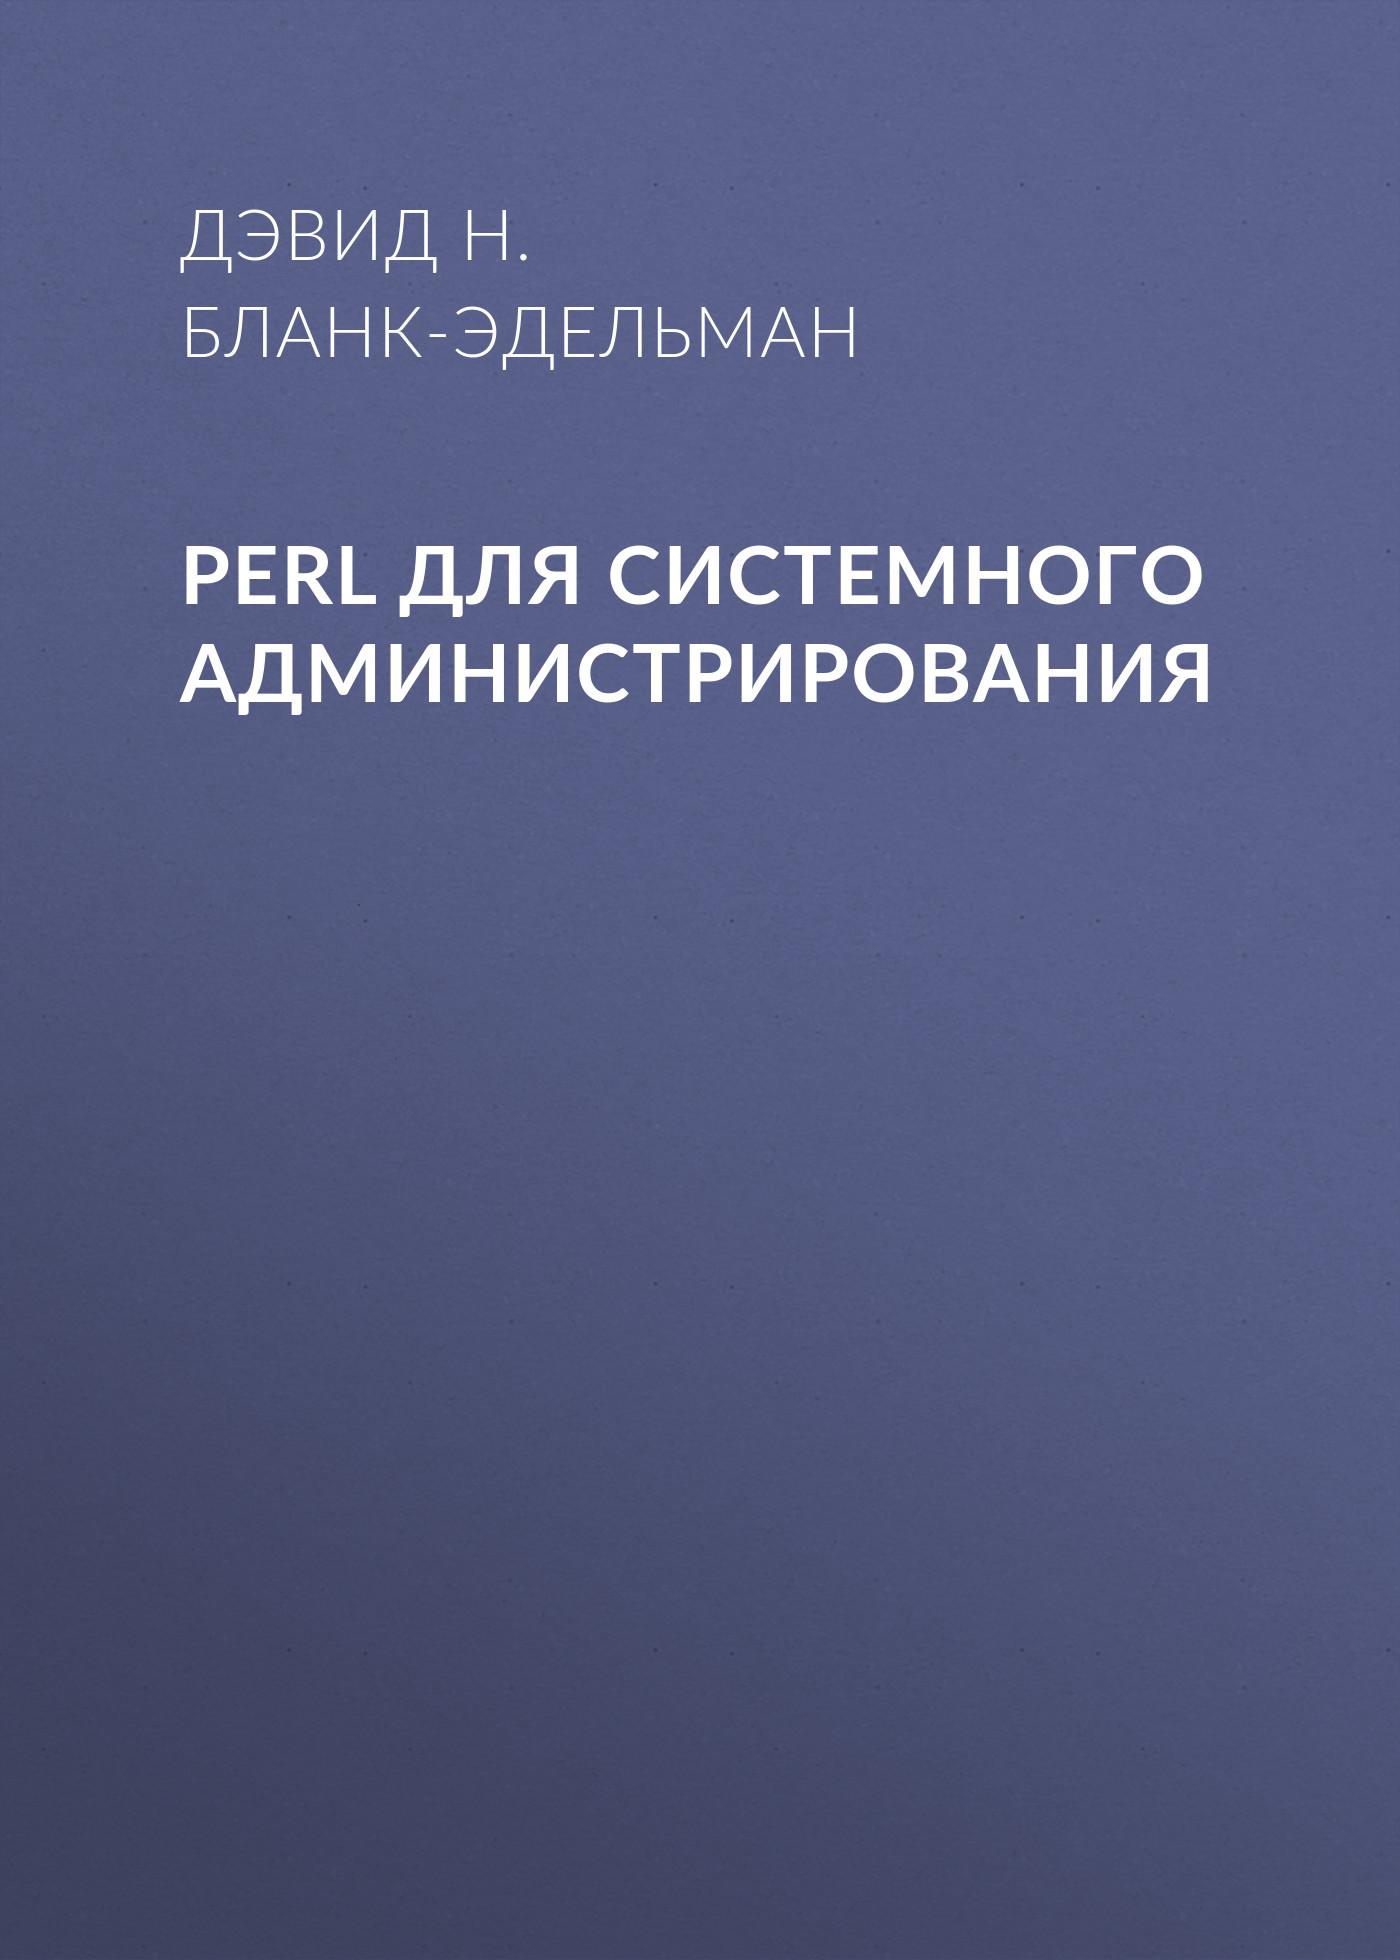 Дэвид Н. Бланк-Эдельман Perl для системного администрирования odbc